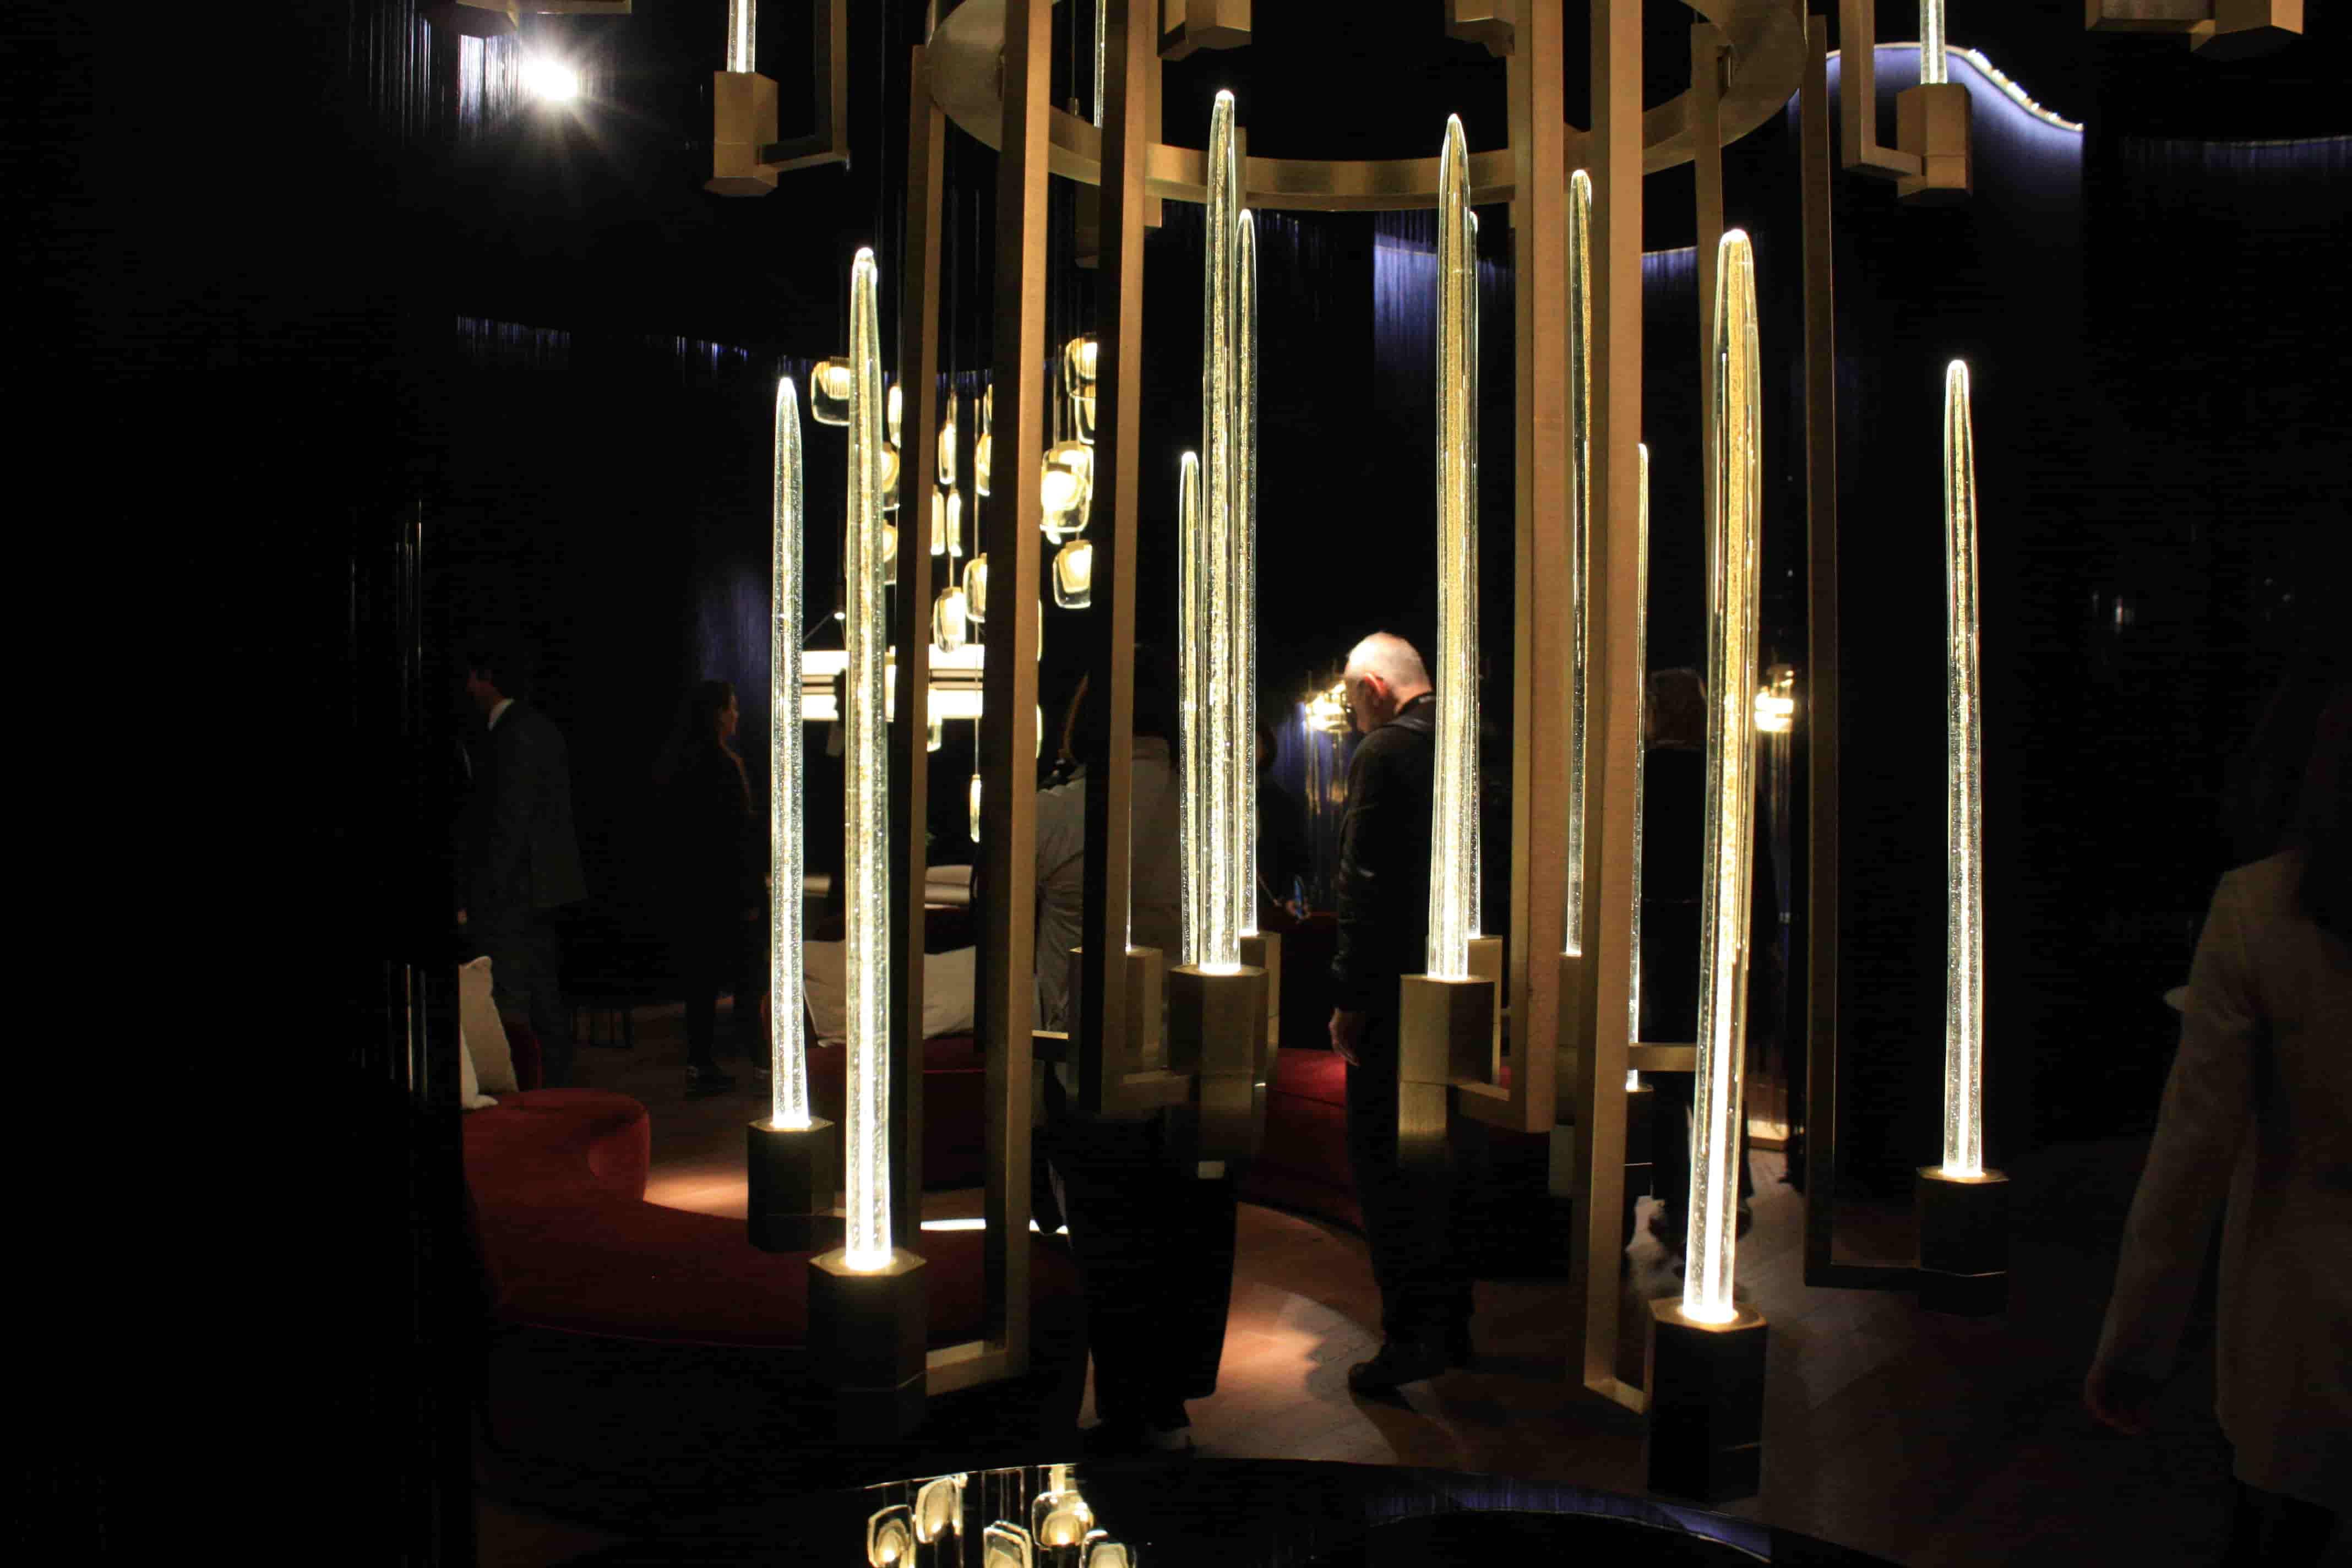 paolo castelli spa, euroluce, salone del mobile 2019